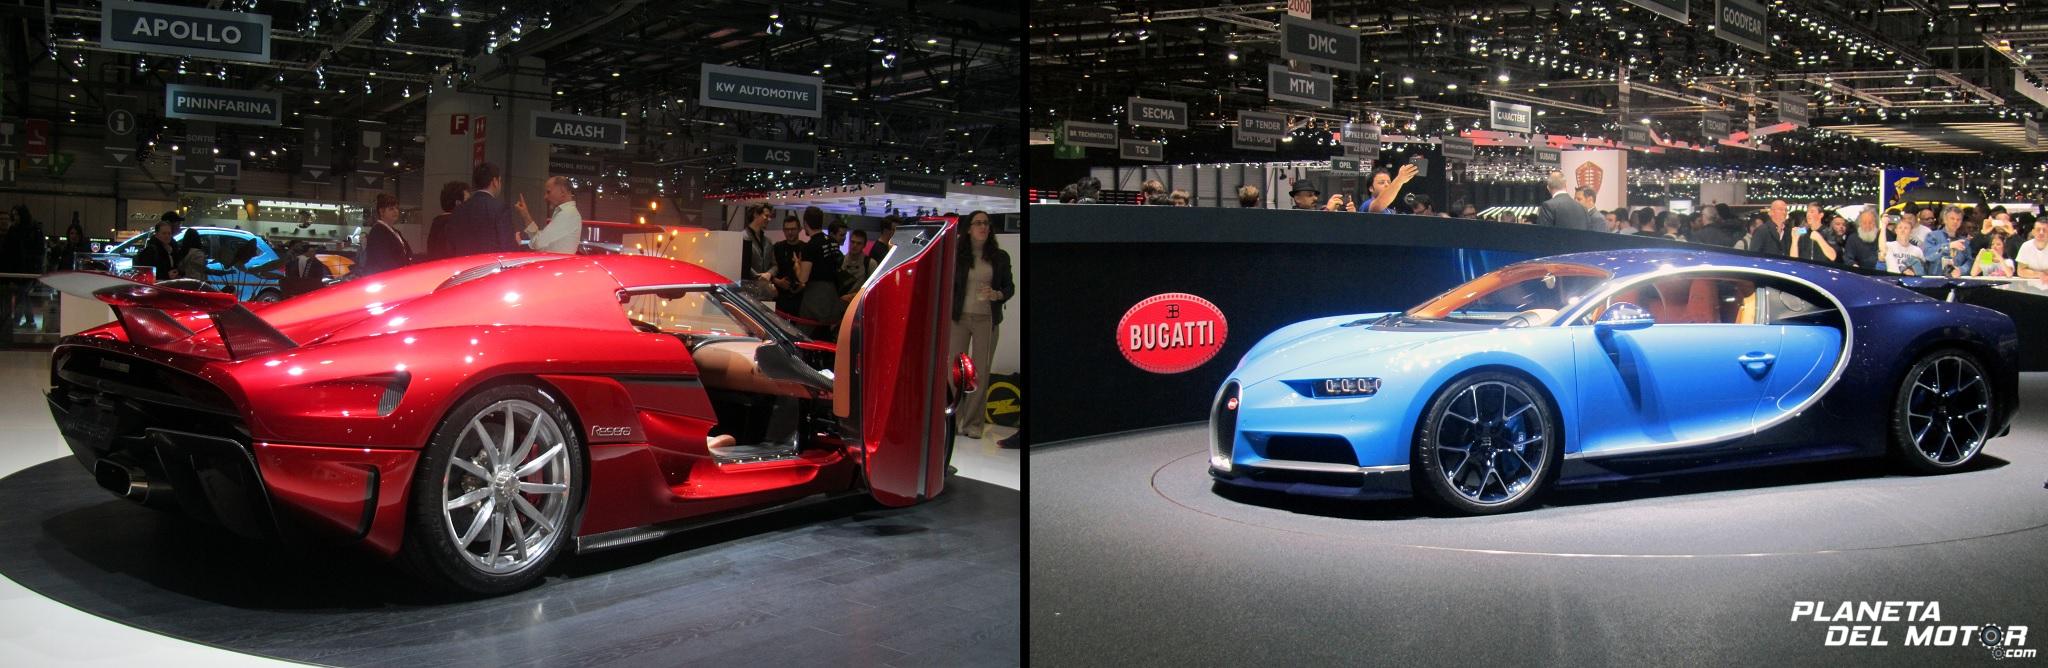 Koenigsegg Regera & Bugatti Chiron